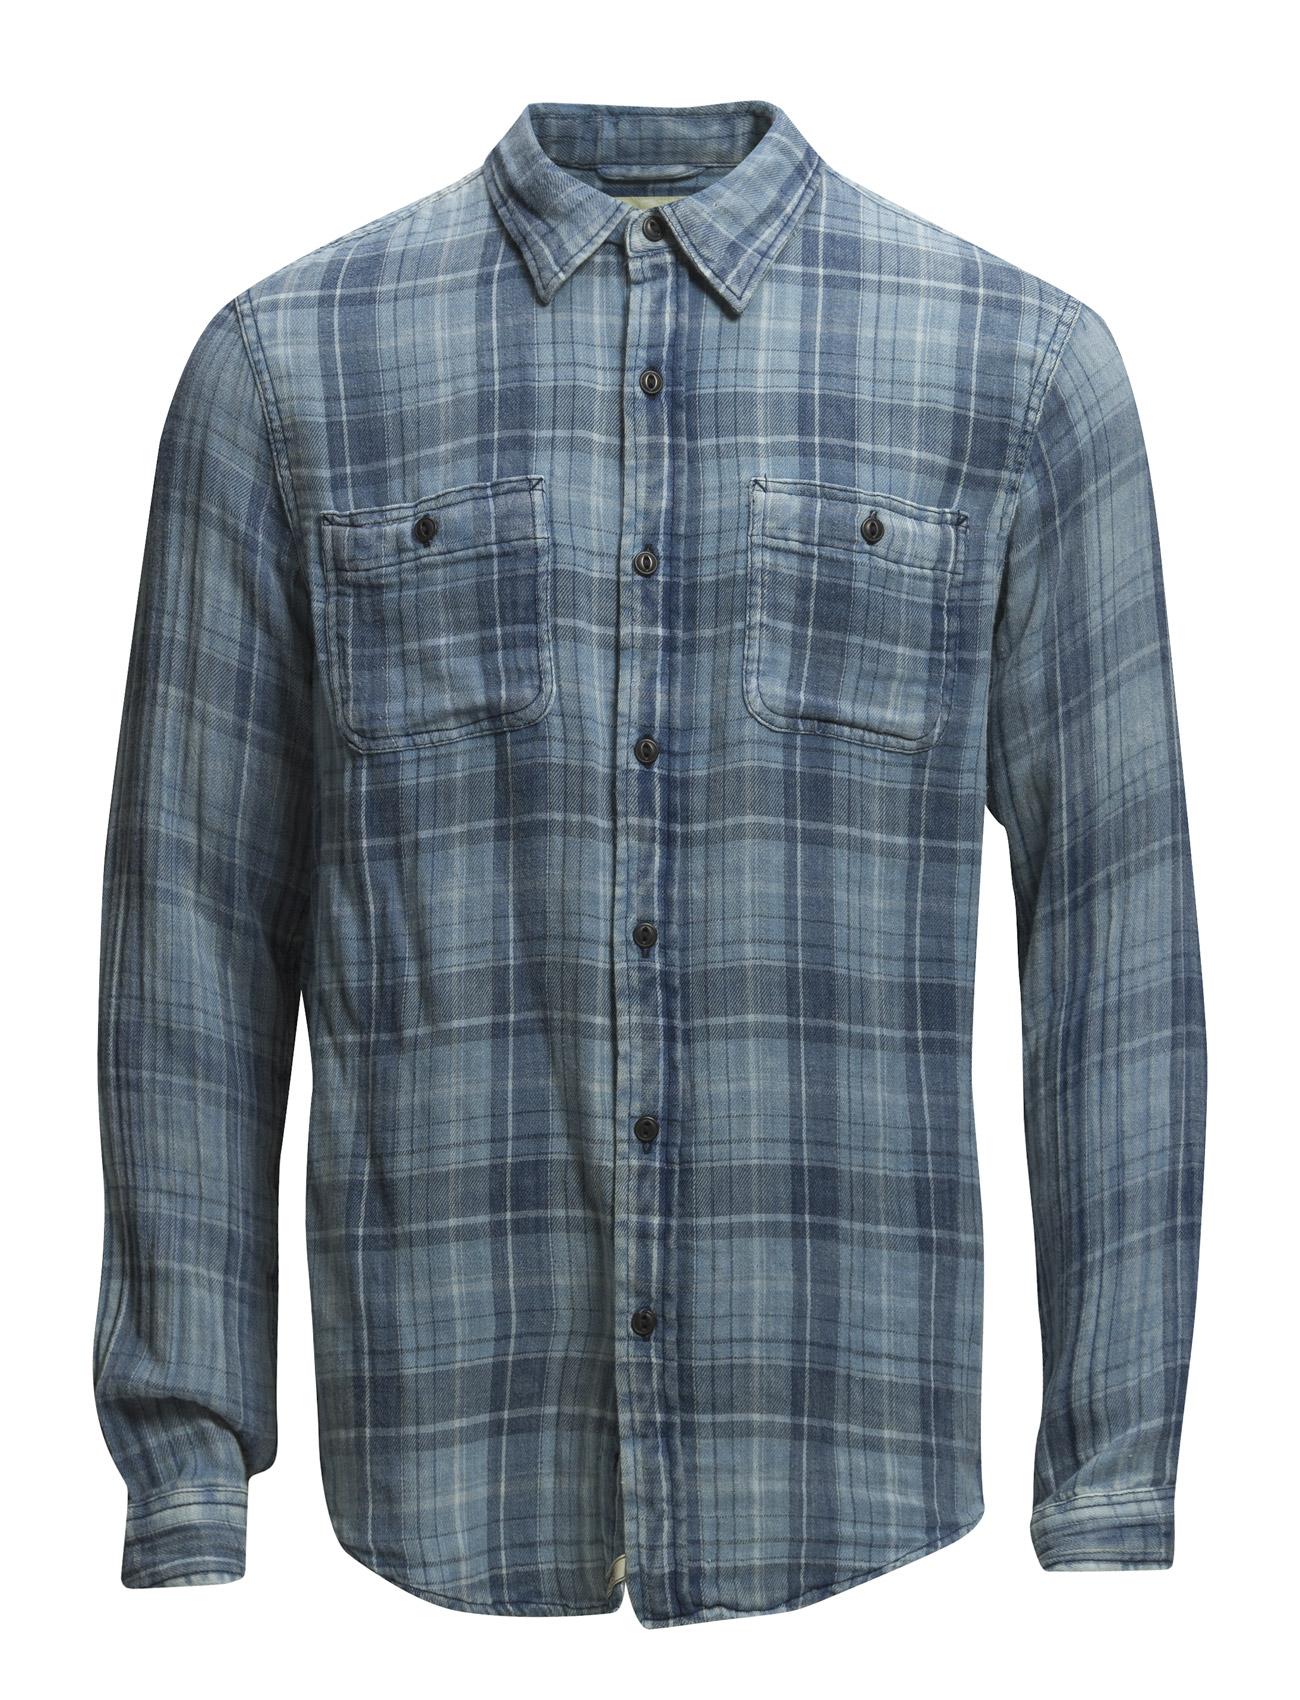 Indigo Plaid Cotton Ward Shirt